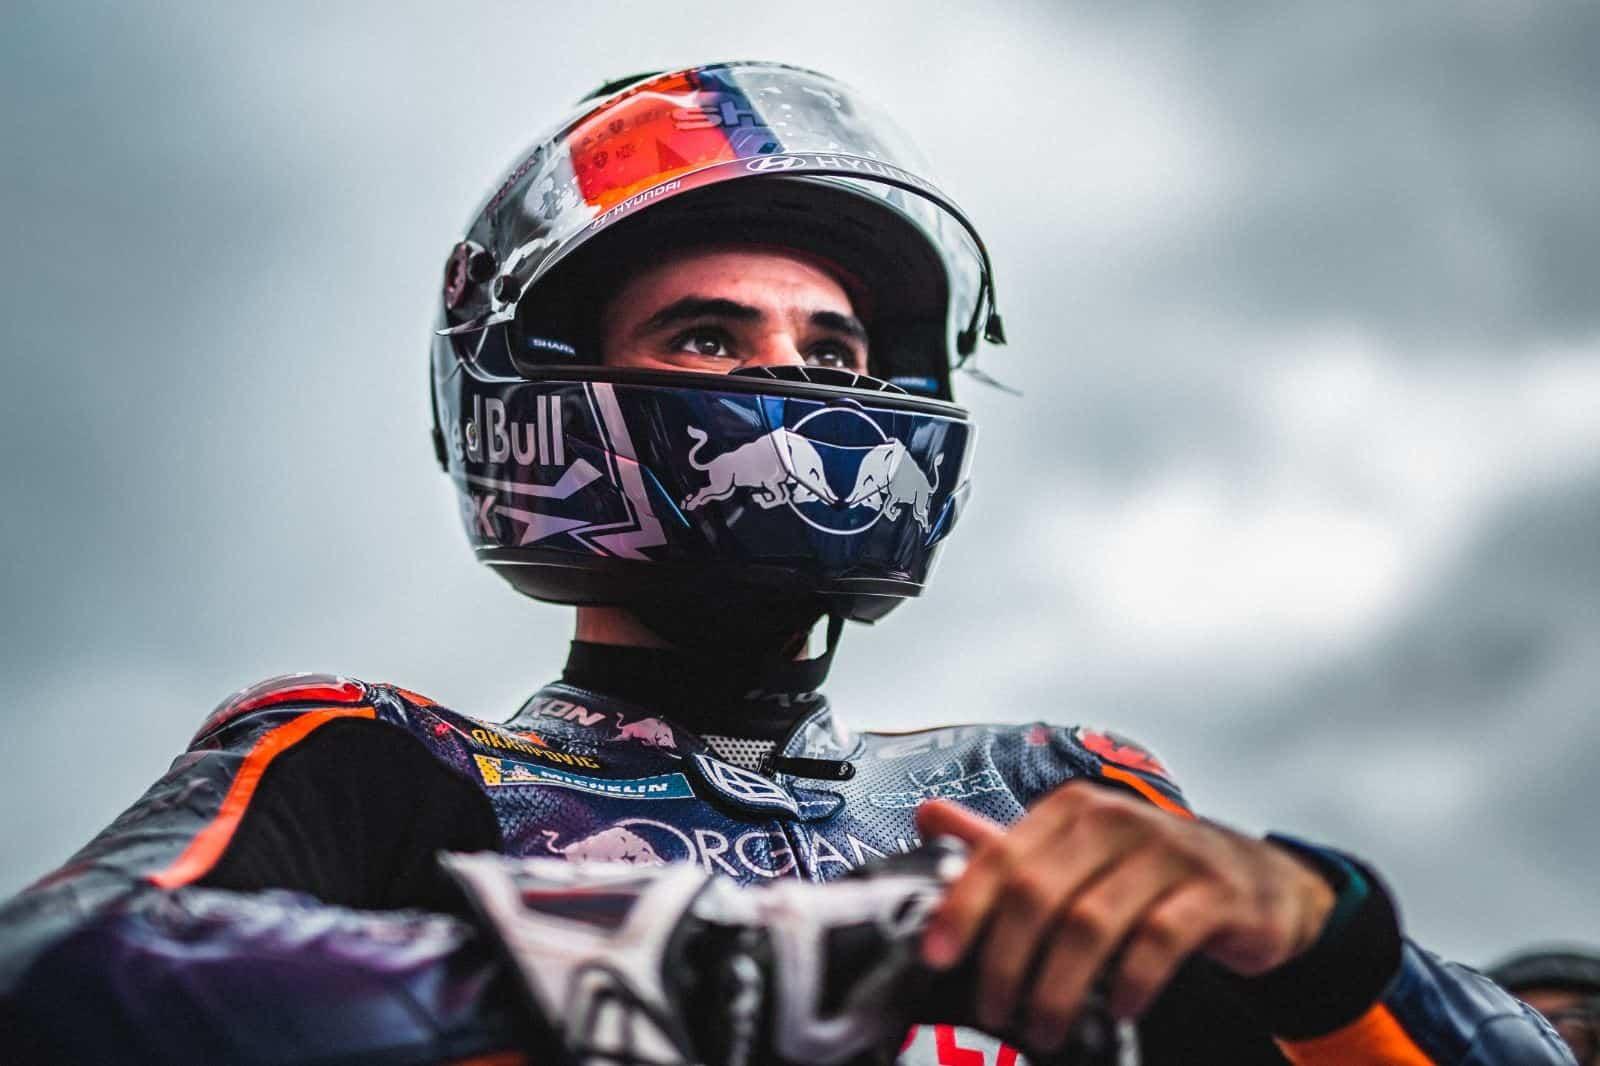 フランスGP 6位ミゲル・オリヴェイラ「4位で完走出来ると思っていた。」